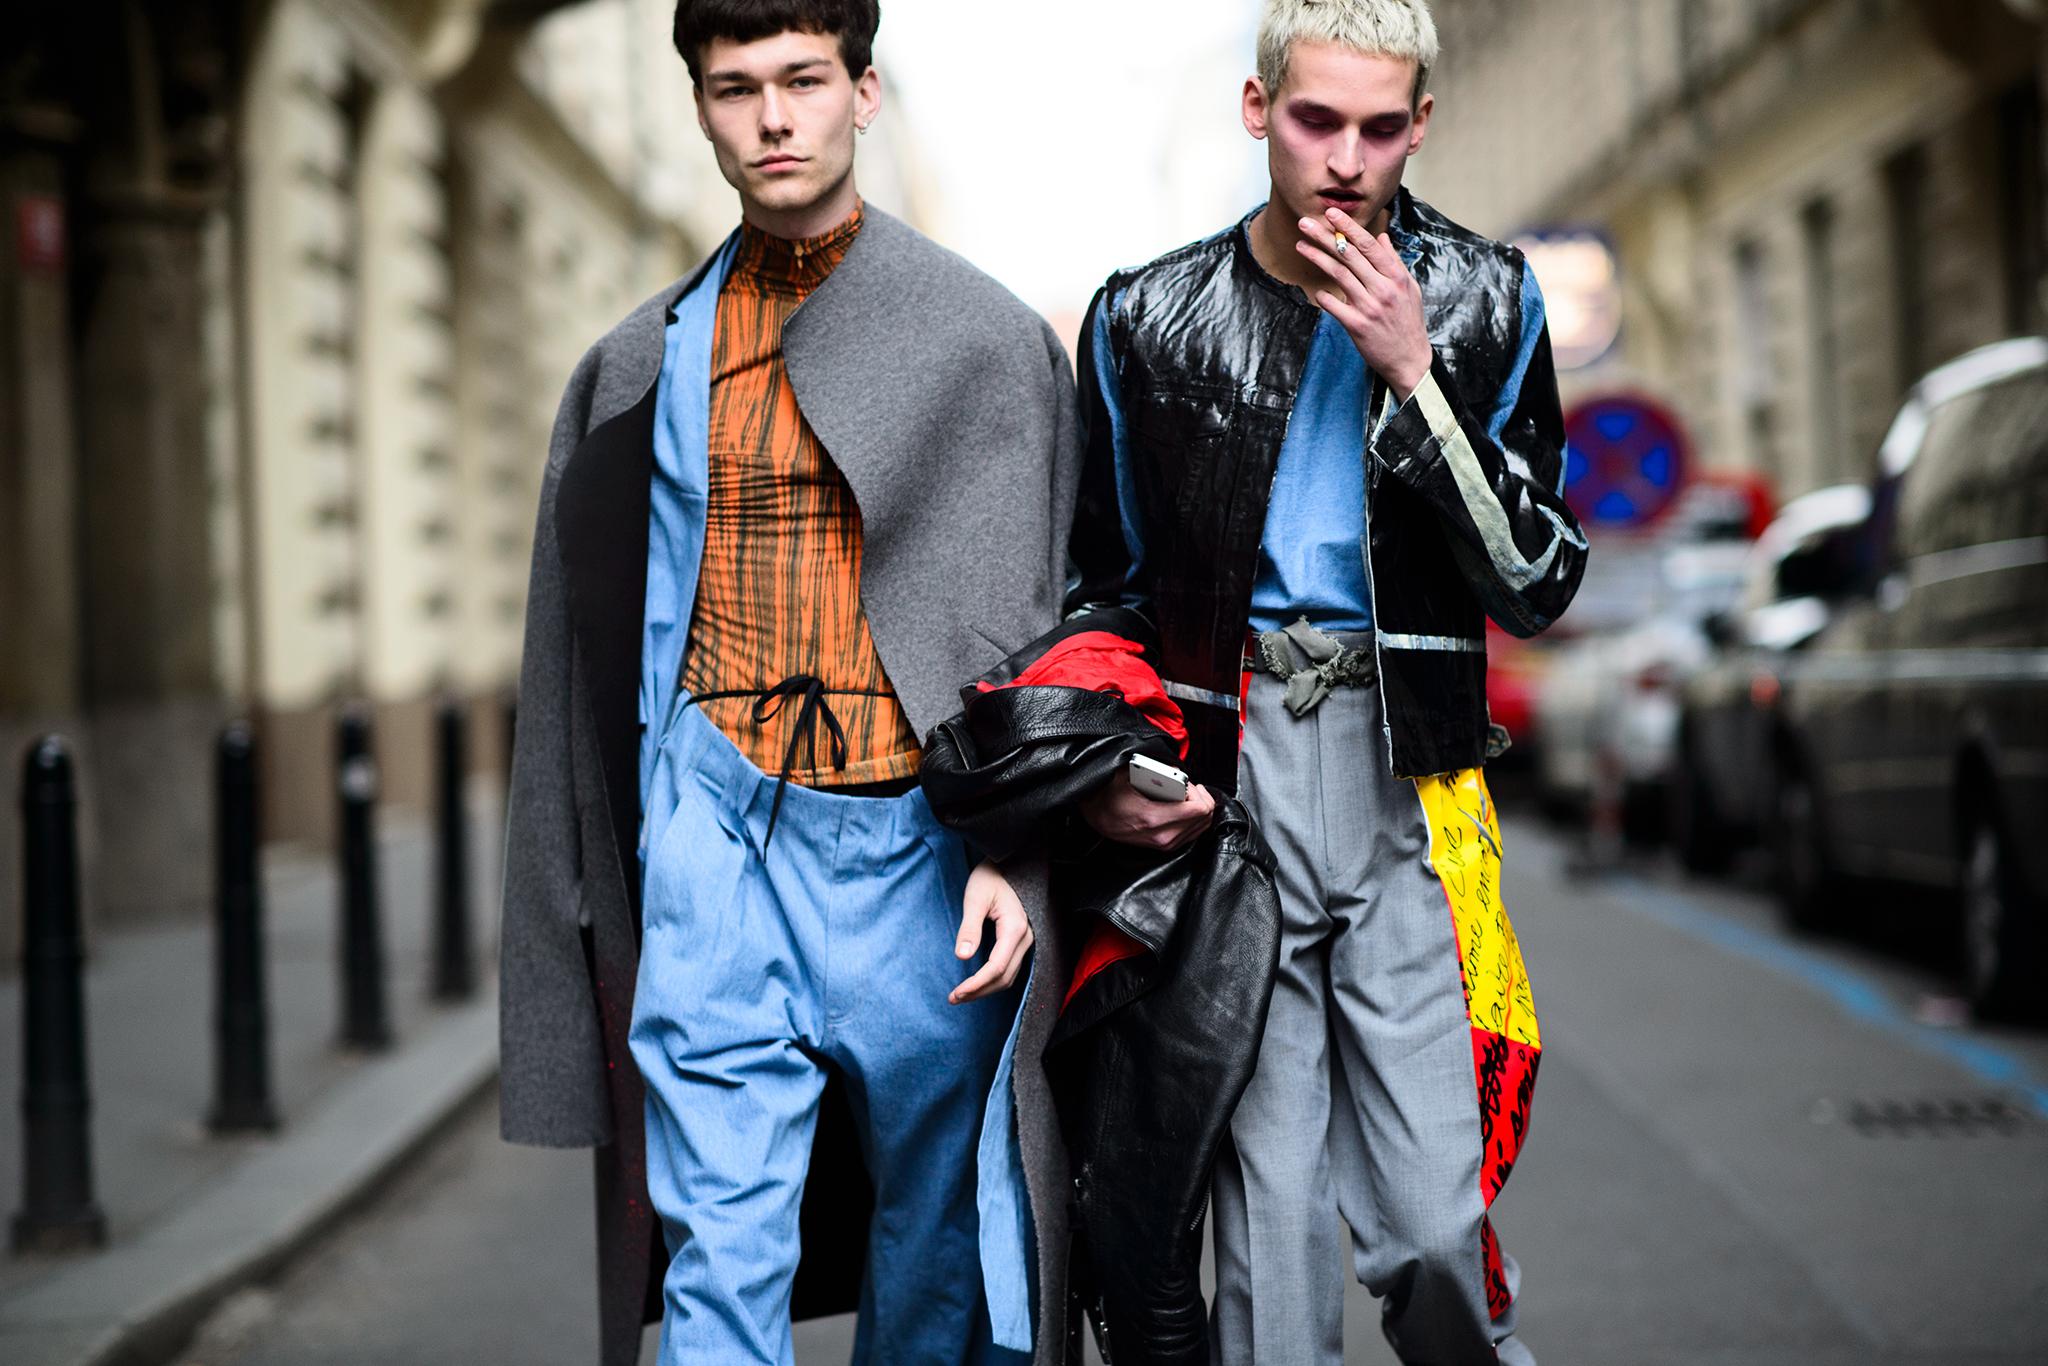 prague-fashion-week-street-style-04